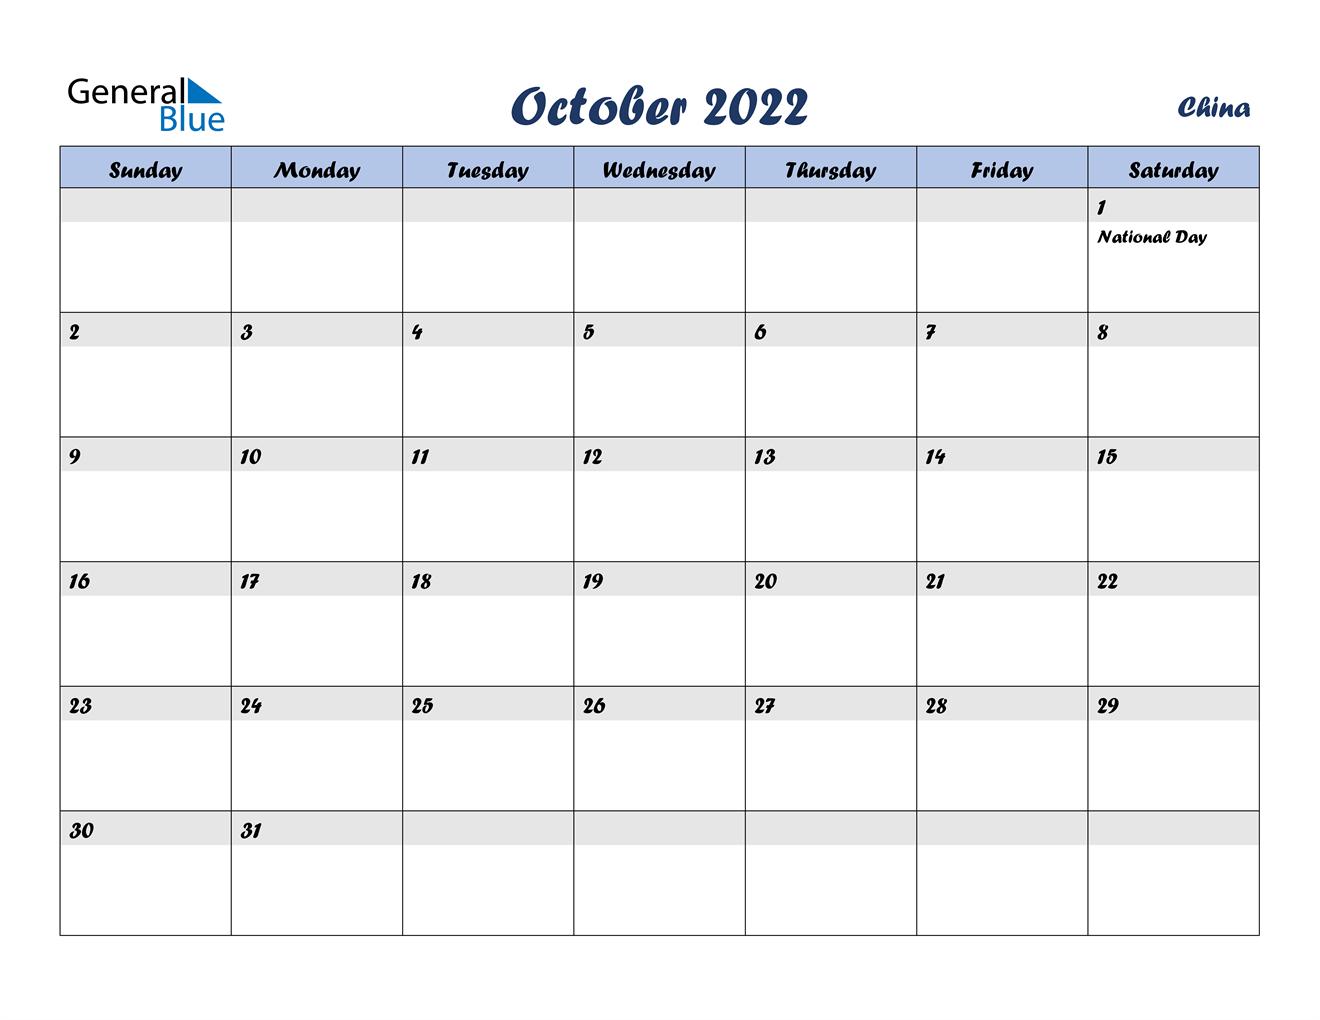 October 2022 Calendar - China